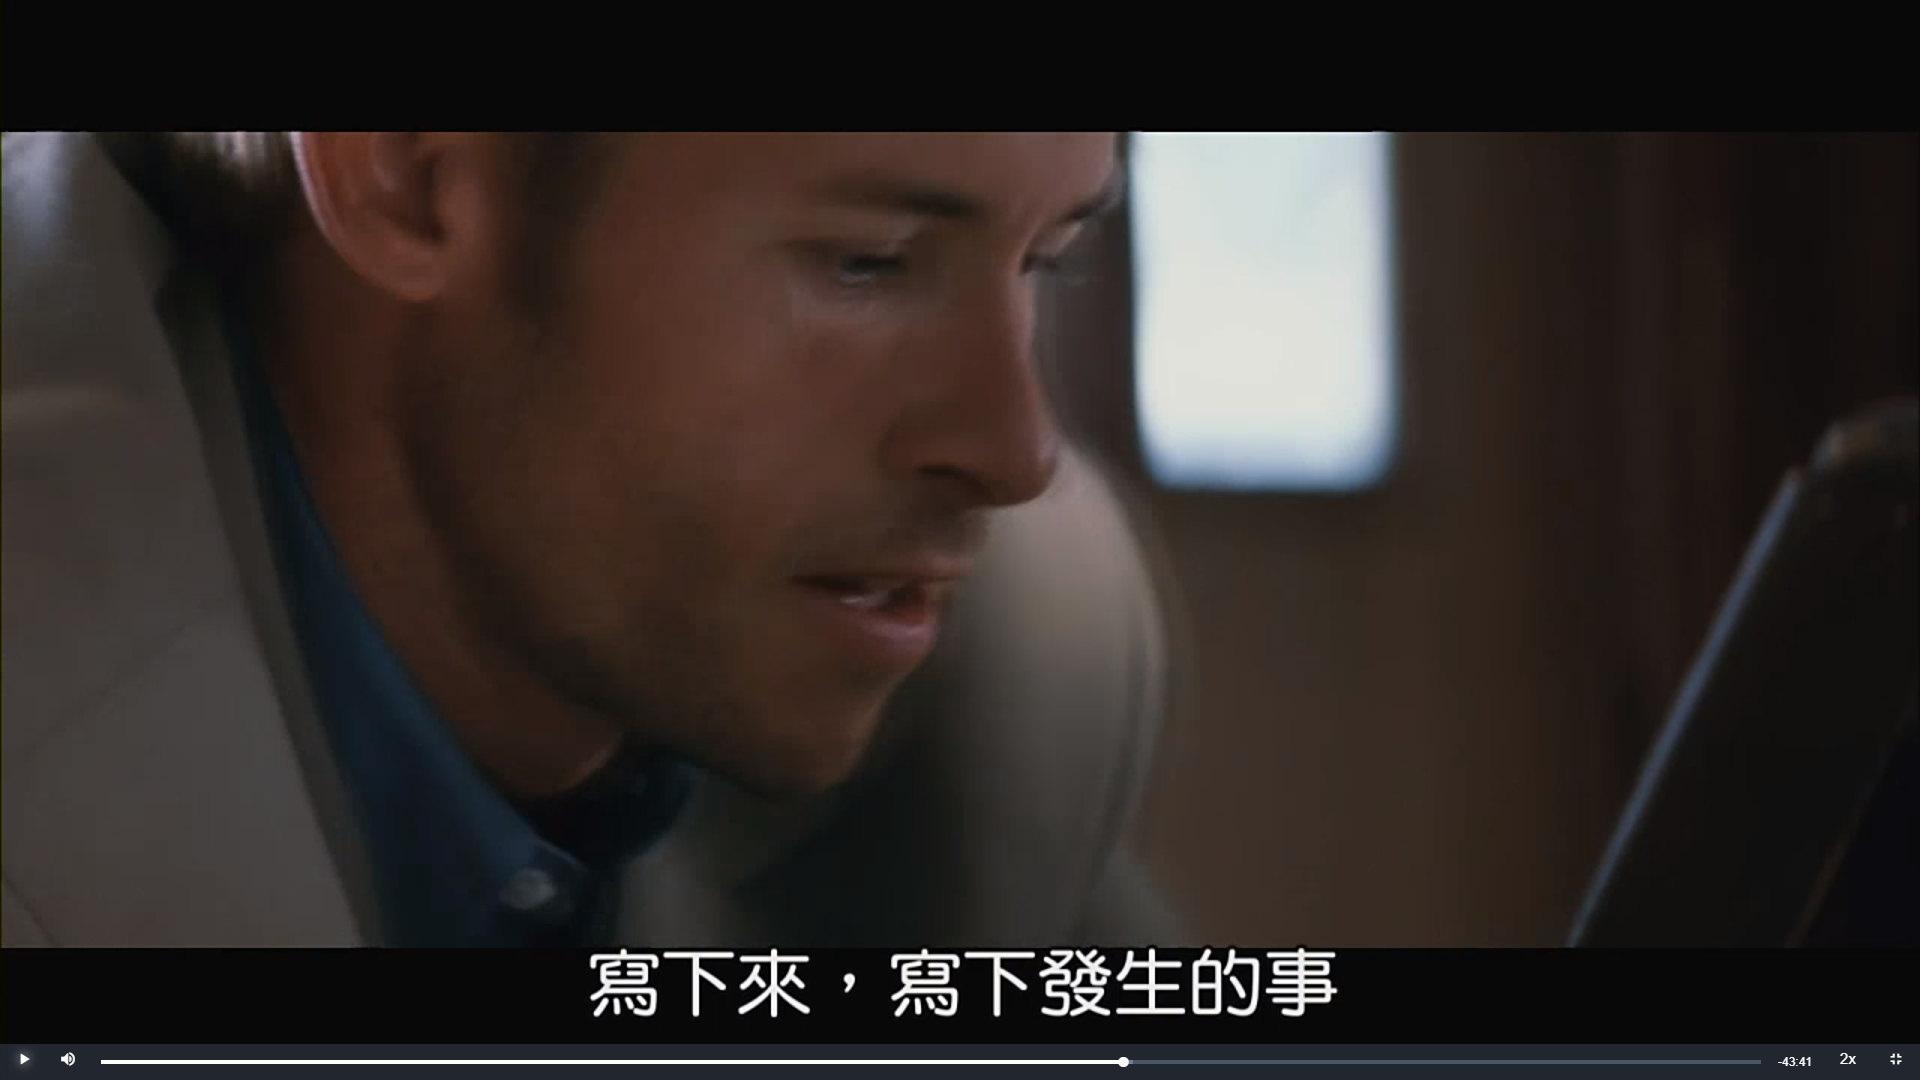 [感想] 電影-記憶拼圖 Memento (2000) 整理順序劇情&爭議討論-109.jpg